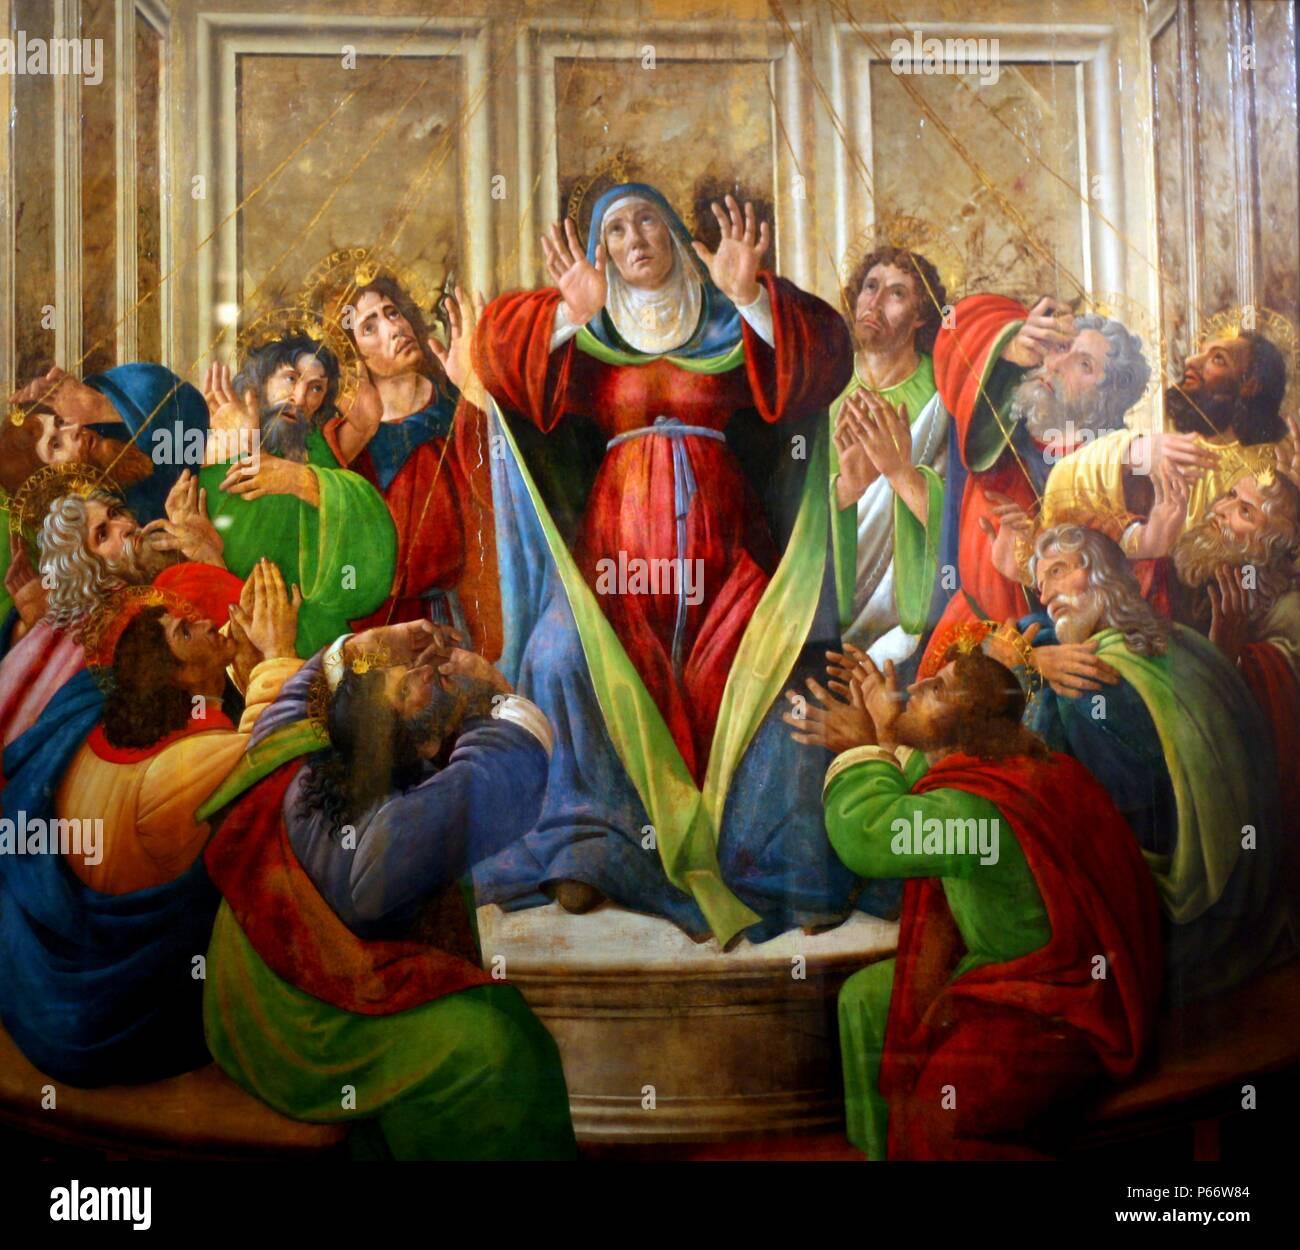 Sandro Botticelli (1445-1510) La Discesa dello Spirito Santo, data sconosciuta, Birmingham Museum di arte. Pesantemente restaurato nel XIX secolo la pittura commemora la nascita della Chiesa cristiana quando gli apostoli hanno cominciato a diffondere il Vangelo. Immagini Stock